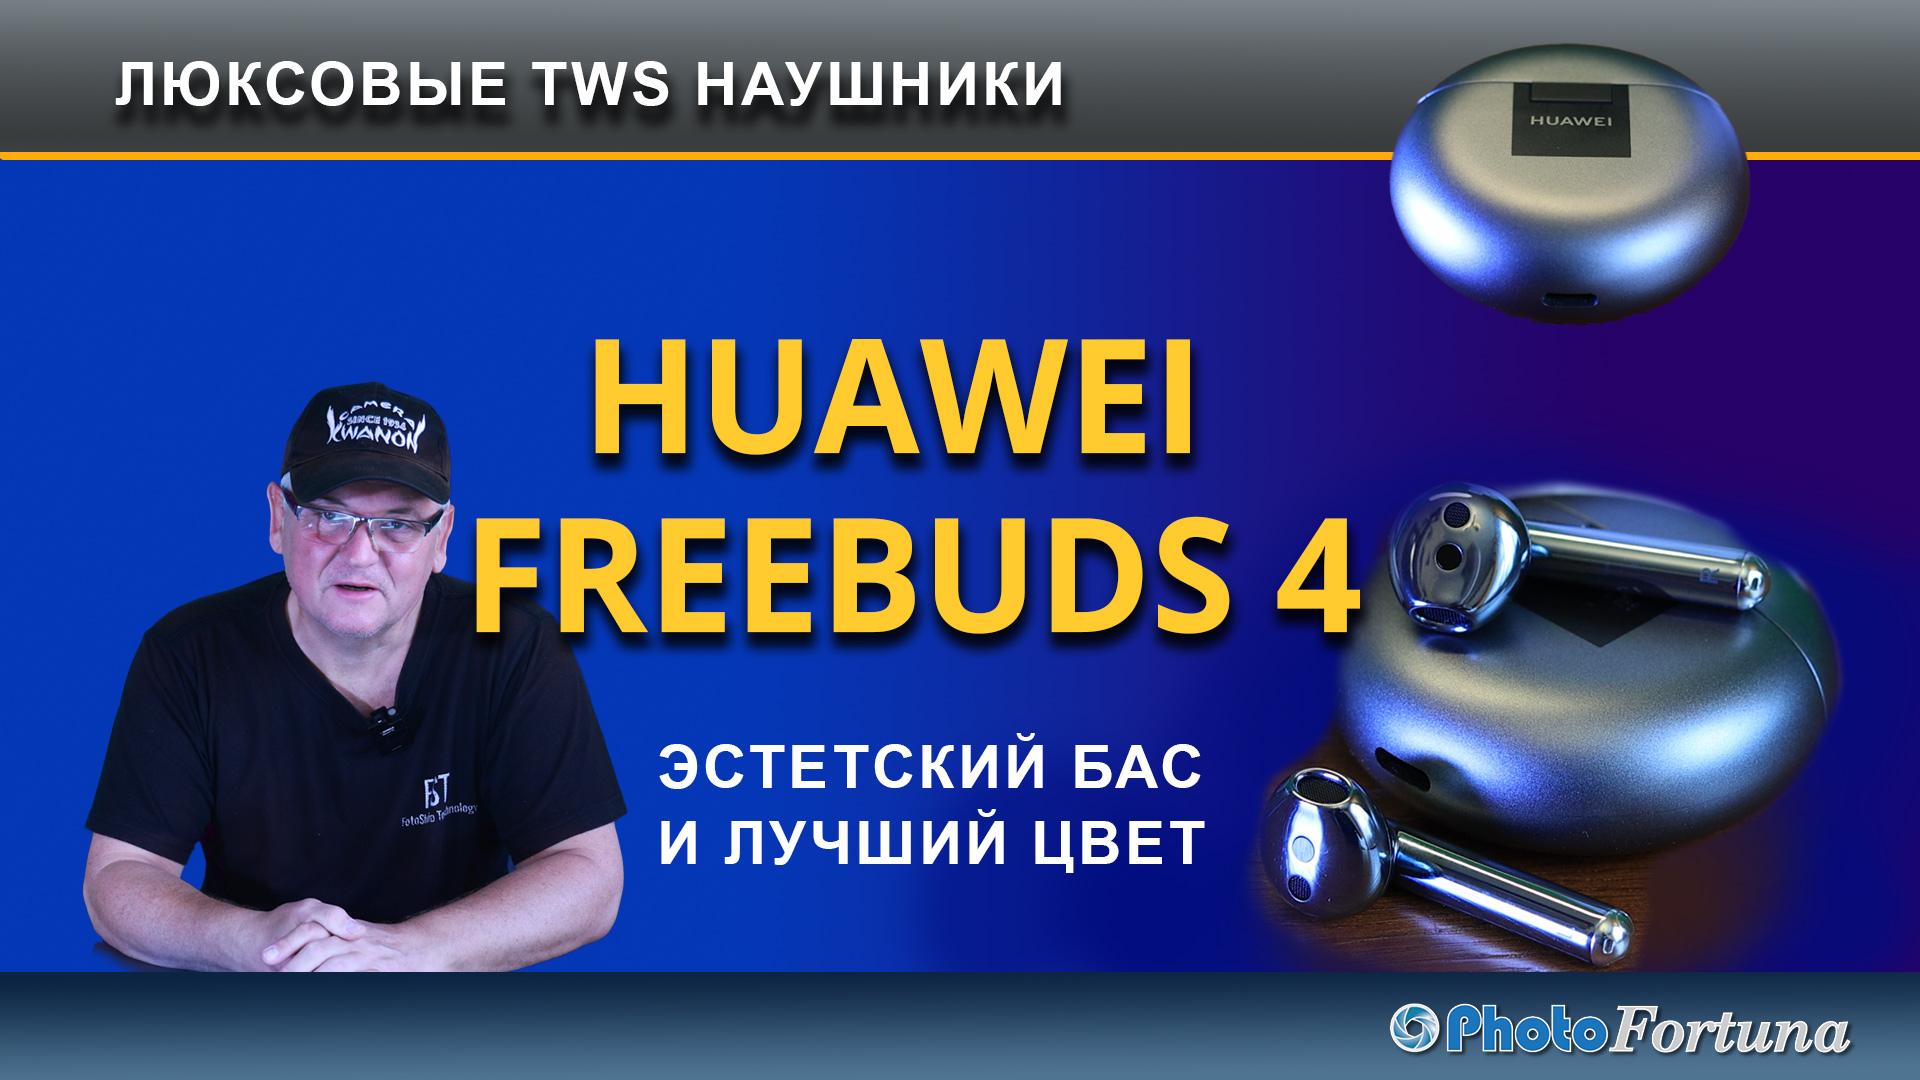 Read more about the article Huawei FreeBuds 4 Люксовые TWS наушники с невероятно красивым басом и по хорошей цене среди аналогов.